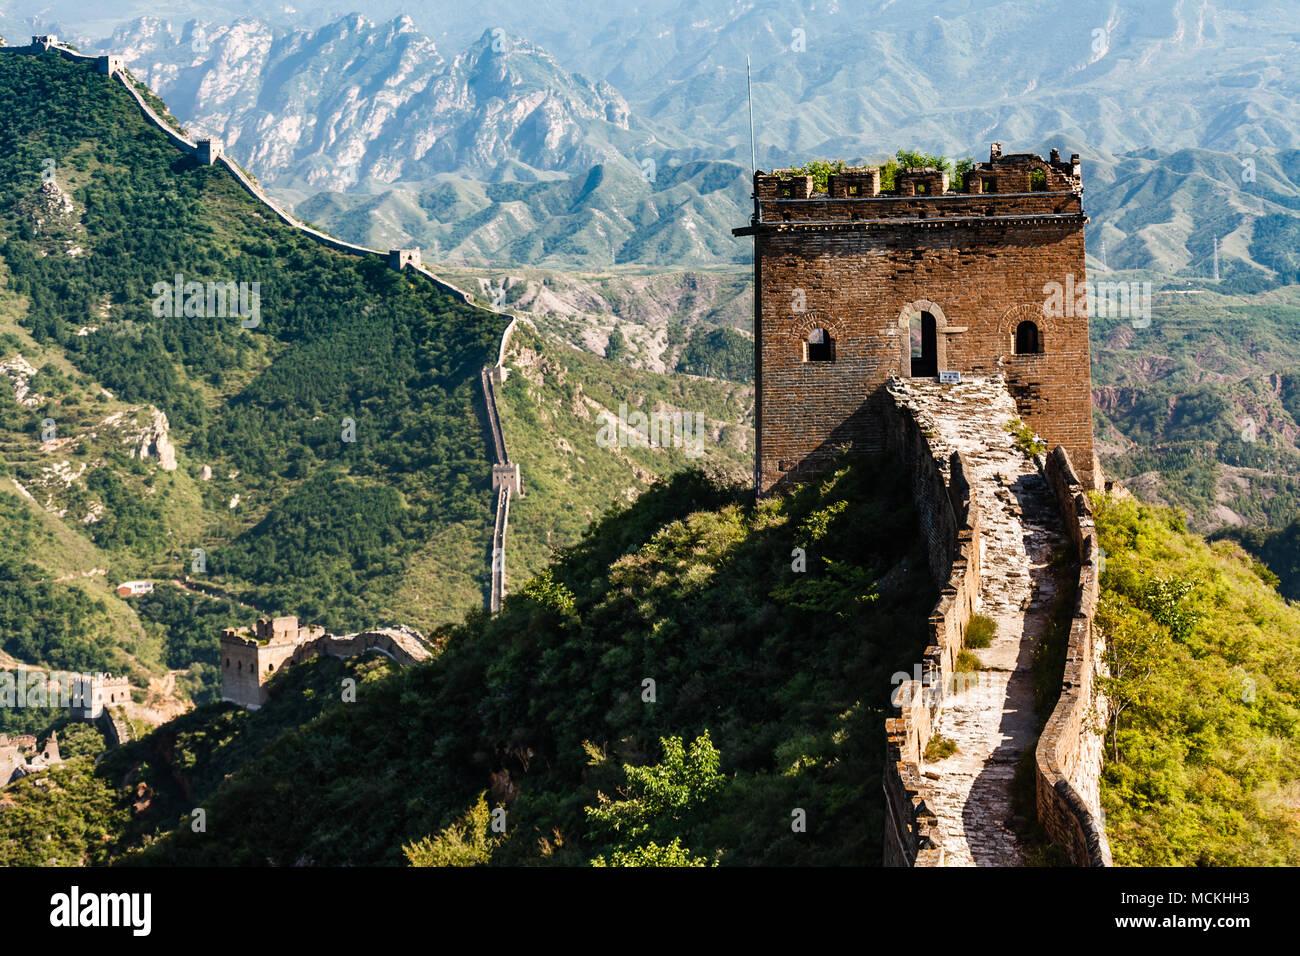 Libre d'entrée de la tour sur Grande Muraille de Chine avec des paysages montagneux en arrière-plan Photo Stock